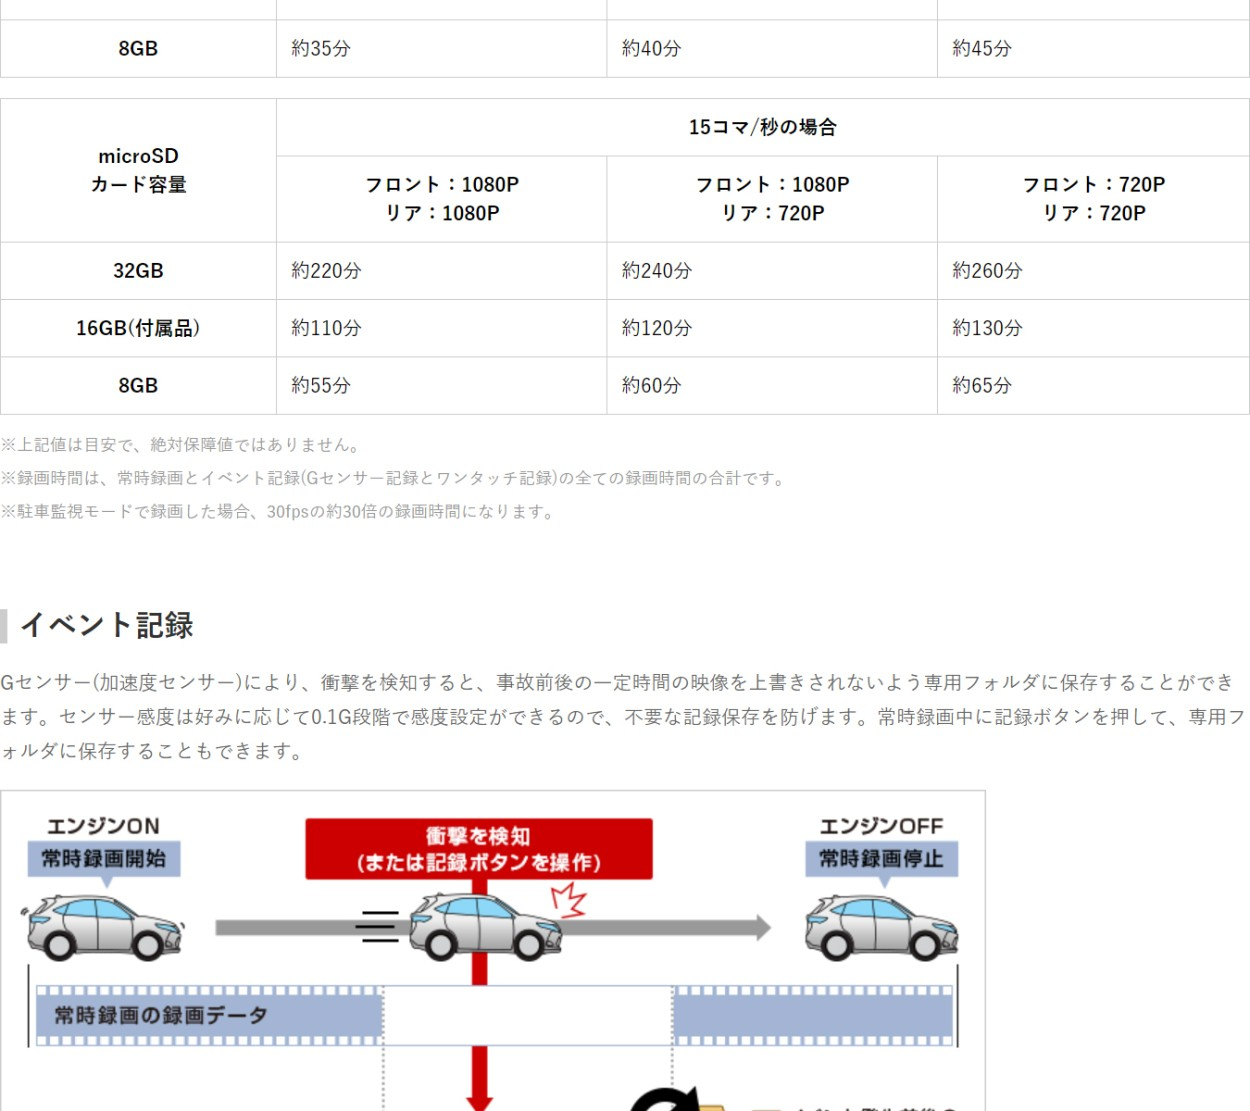 ドライブレコーダー DRY-TW9100d